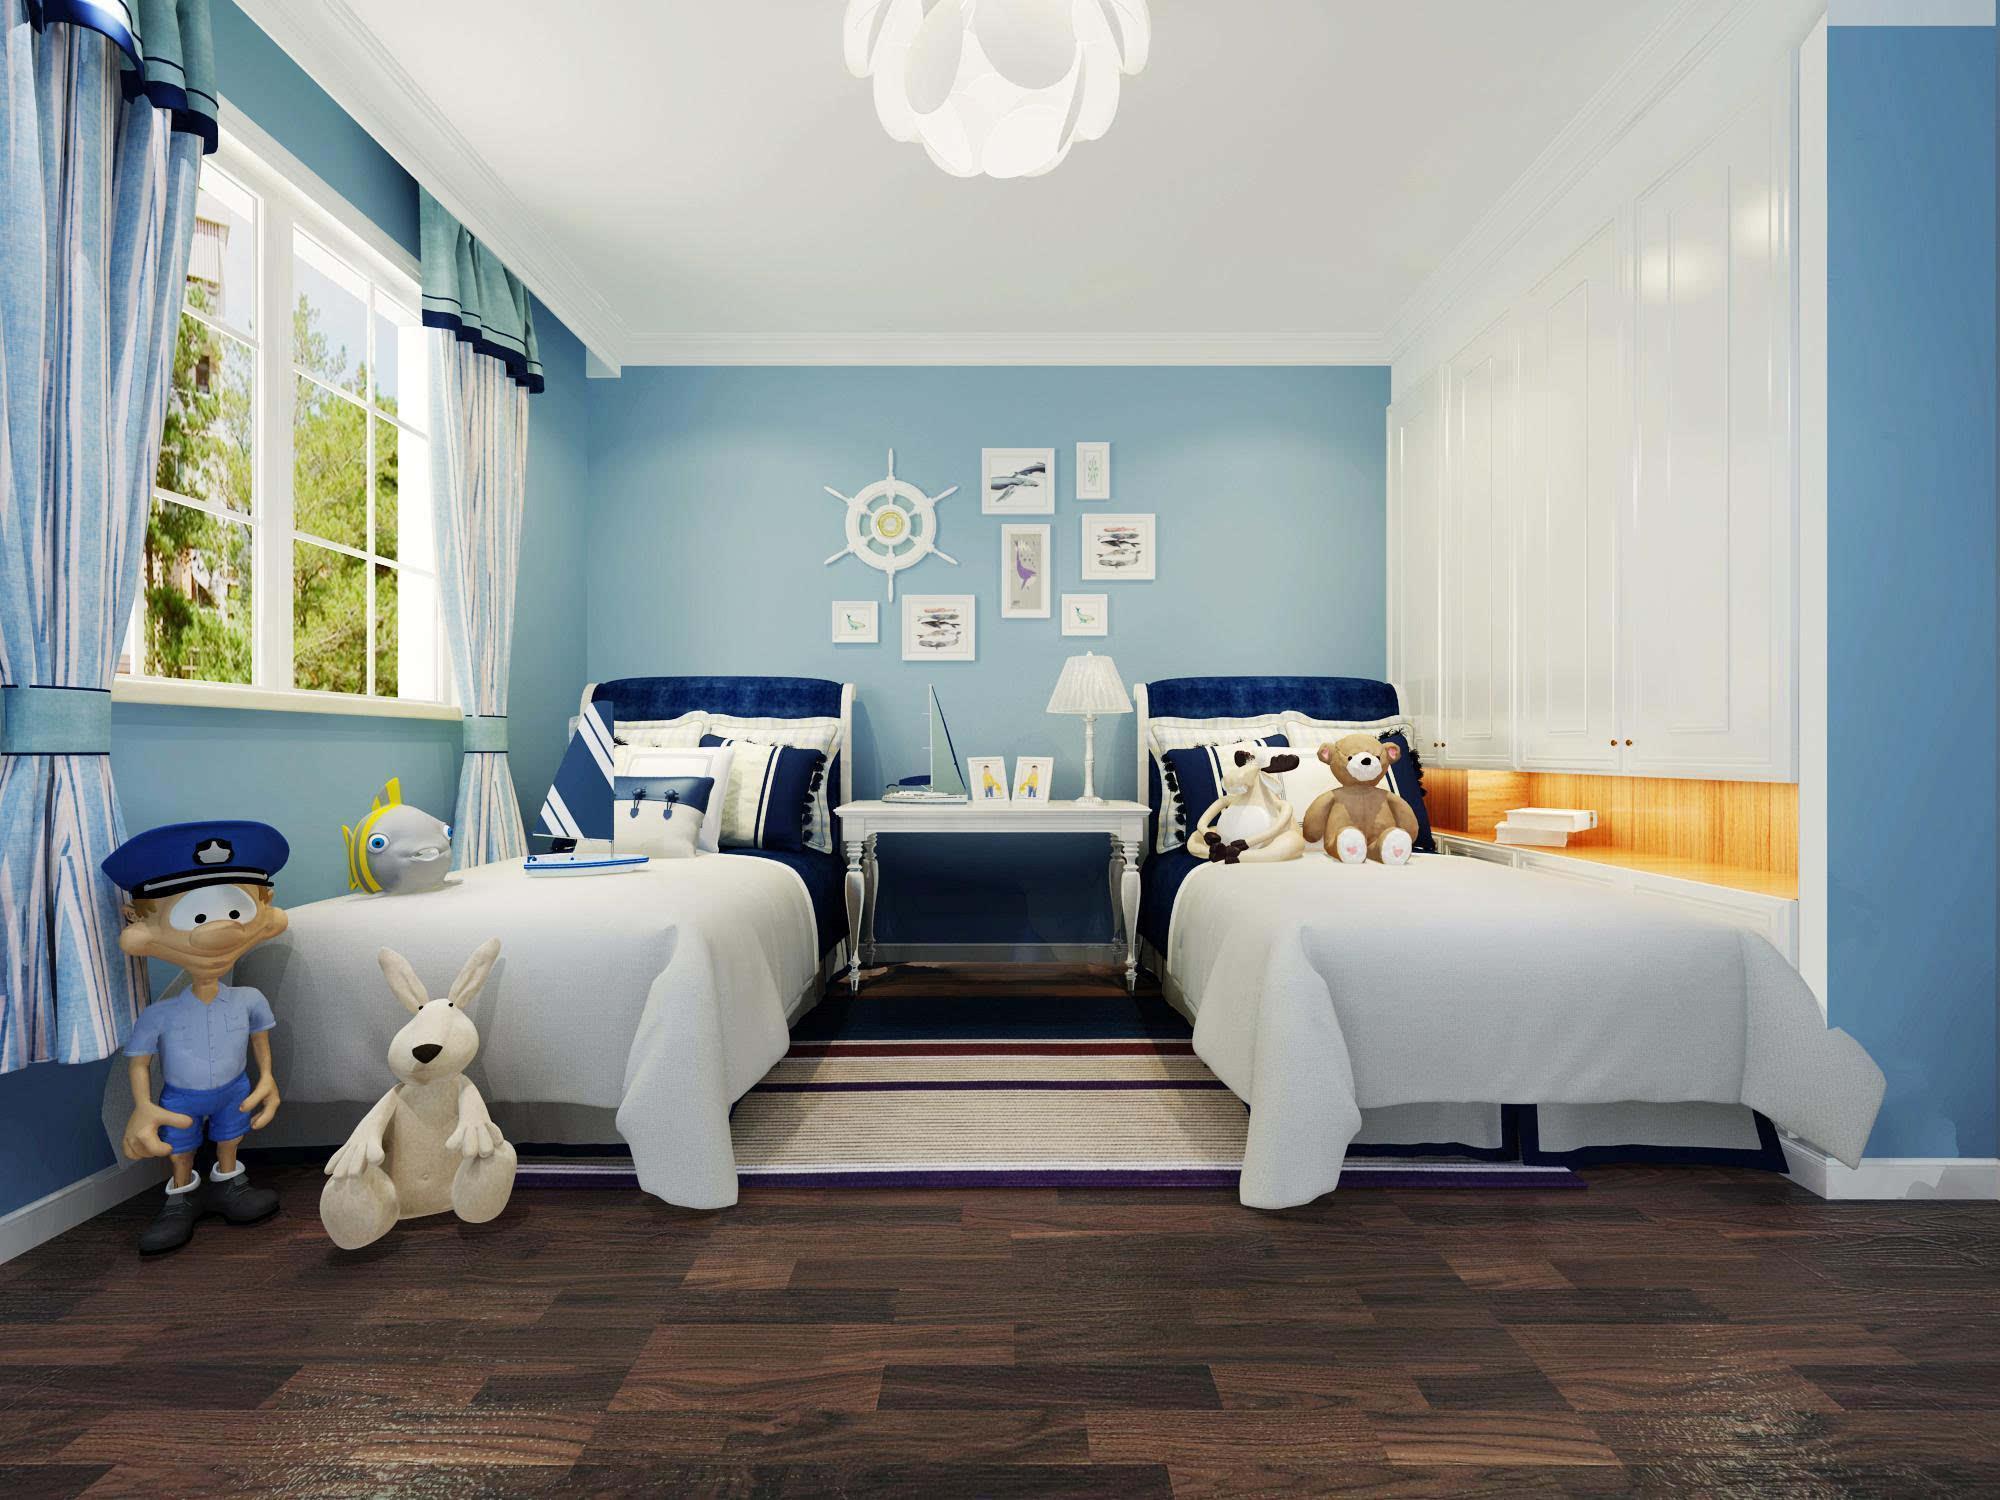 儿童房装修涂刷油漆有讲究,油漆选择注意事项介绍